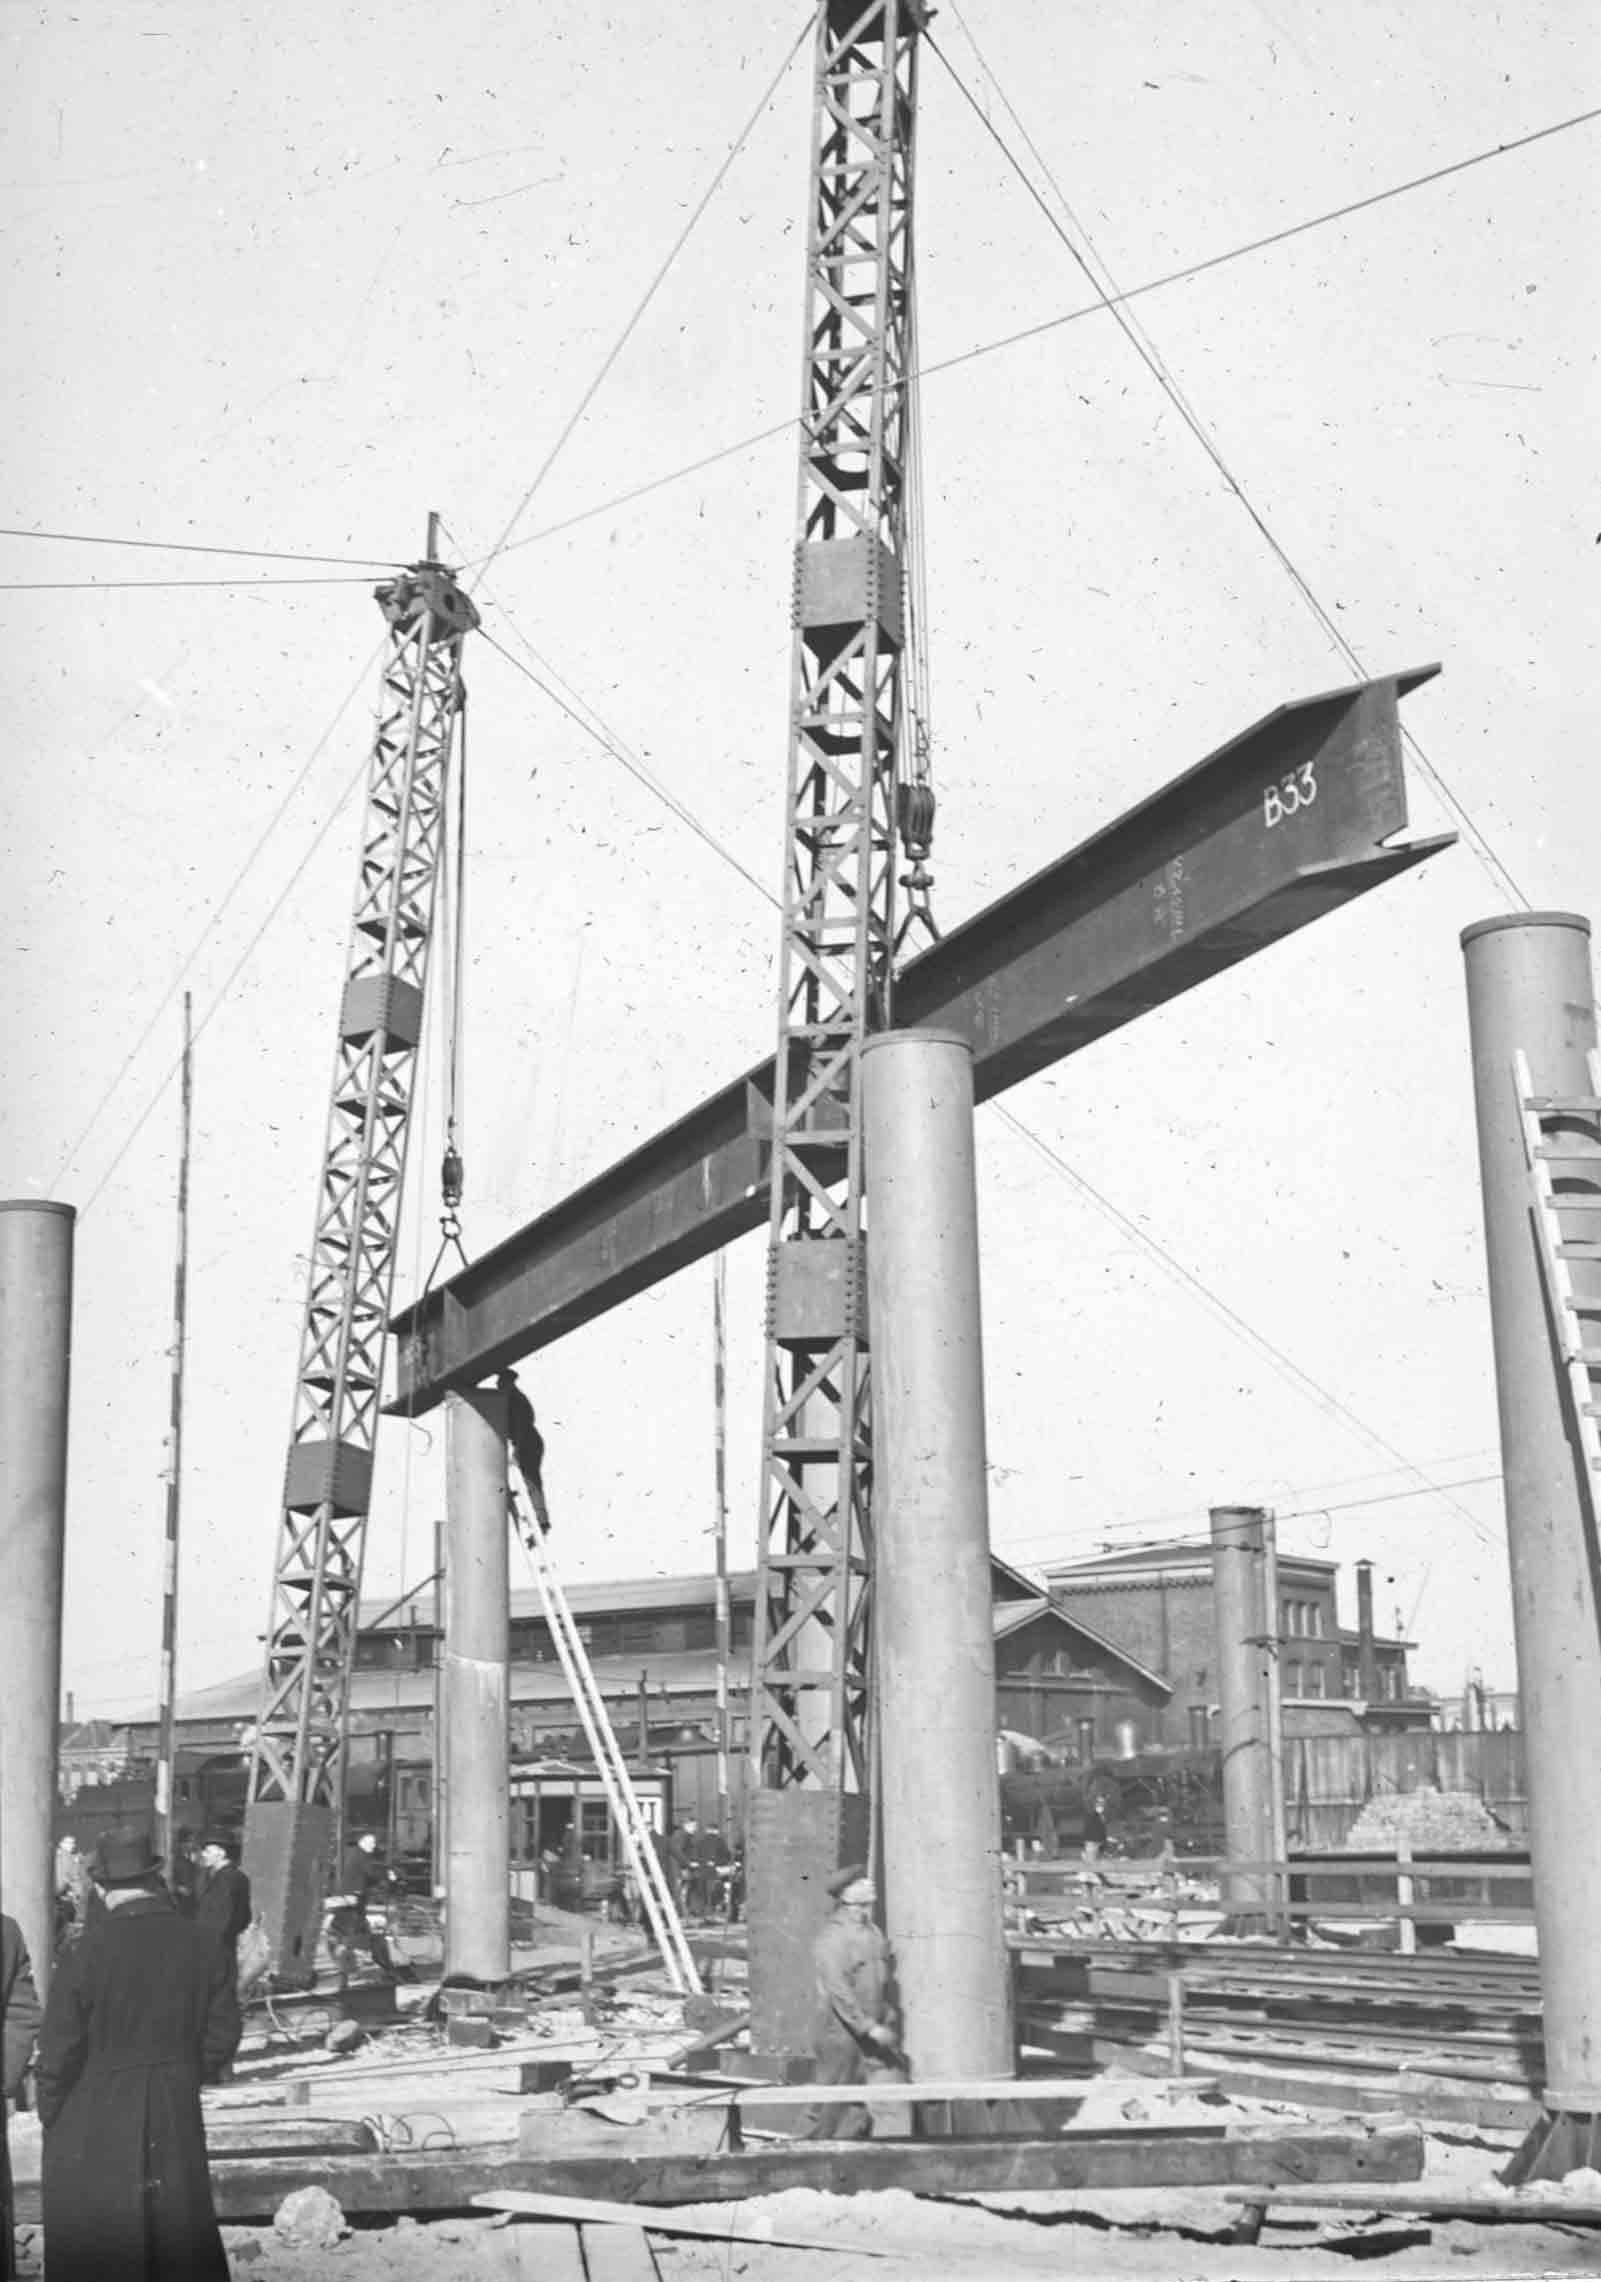 Bnr. 760: Viaduct den Haag (1940)